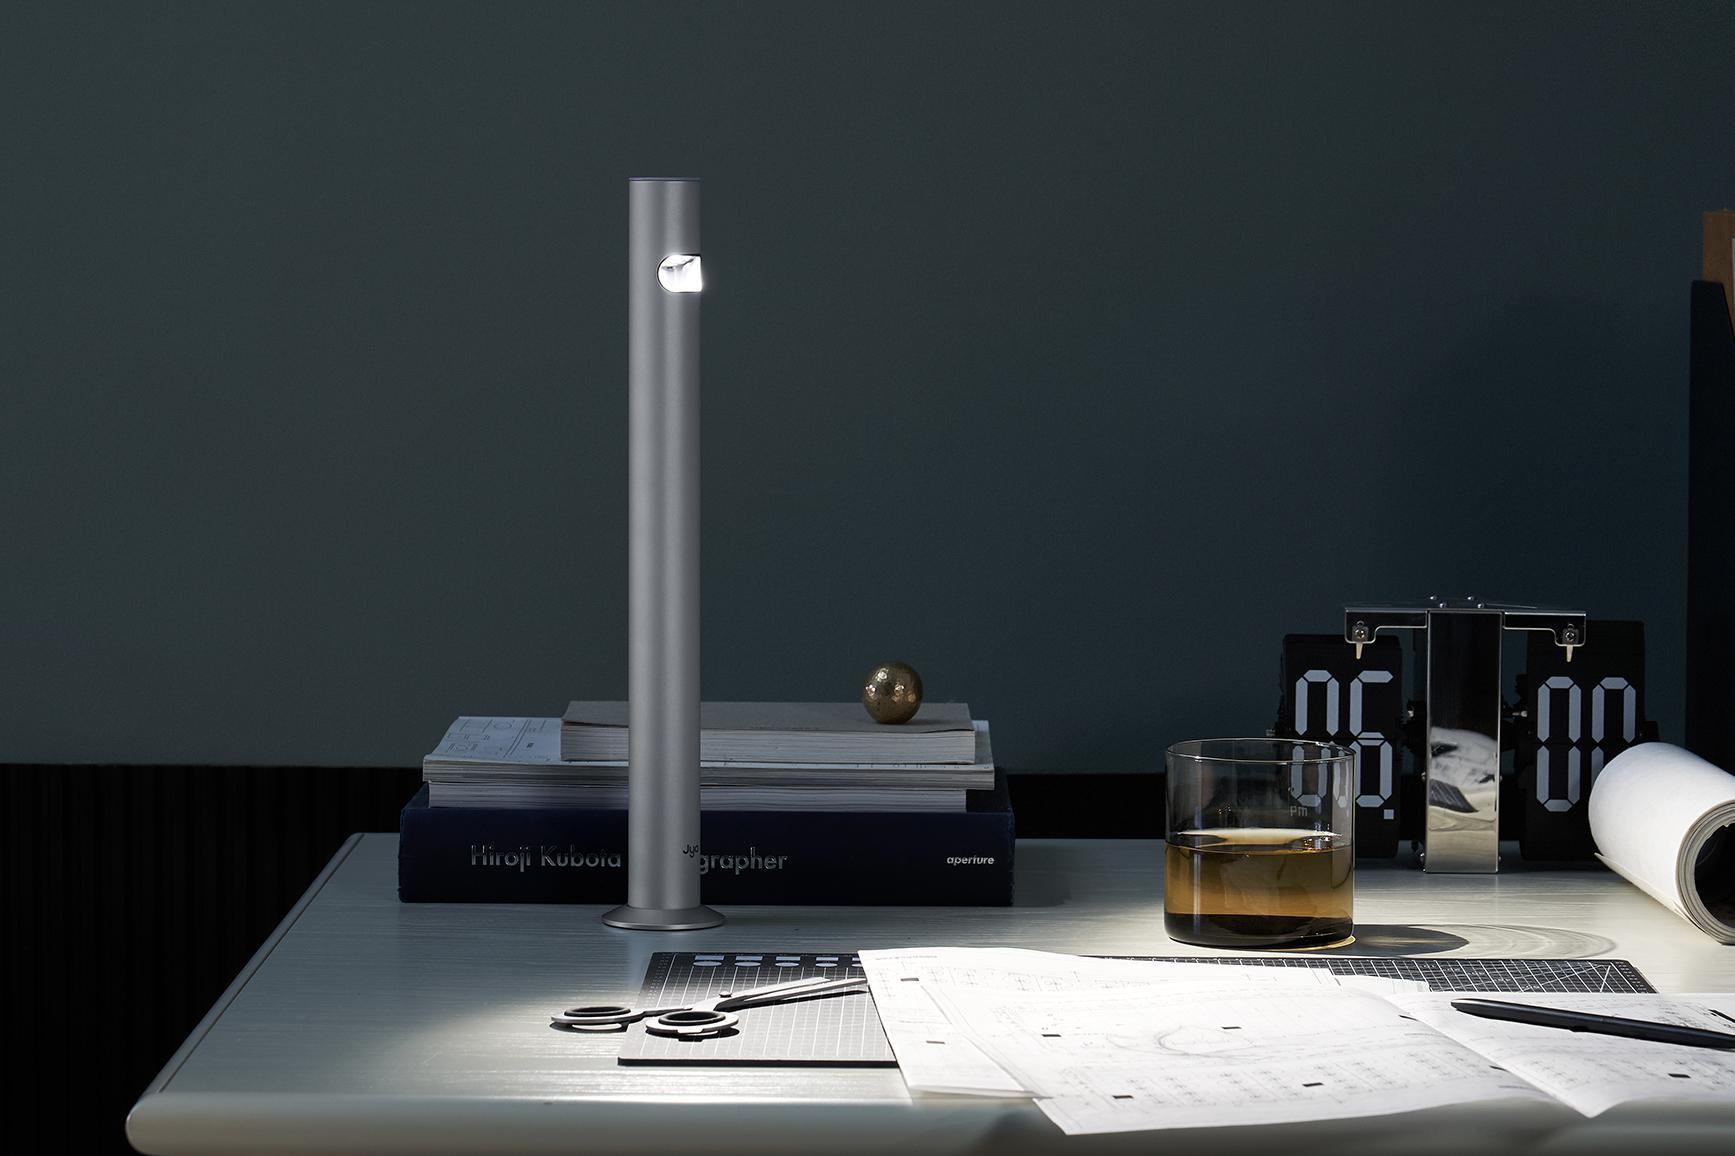 你见过这样的台灯?Jya新光台灯智能版体验